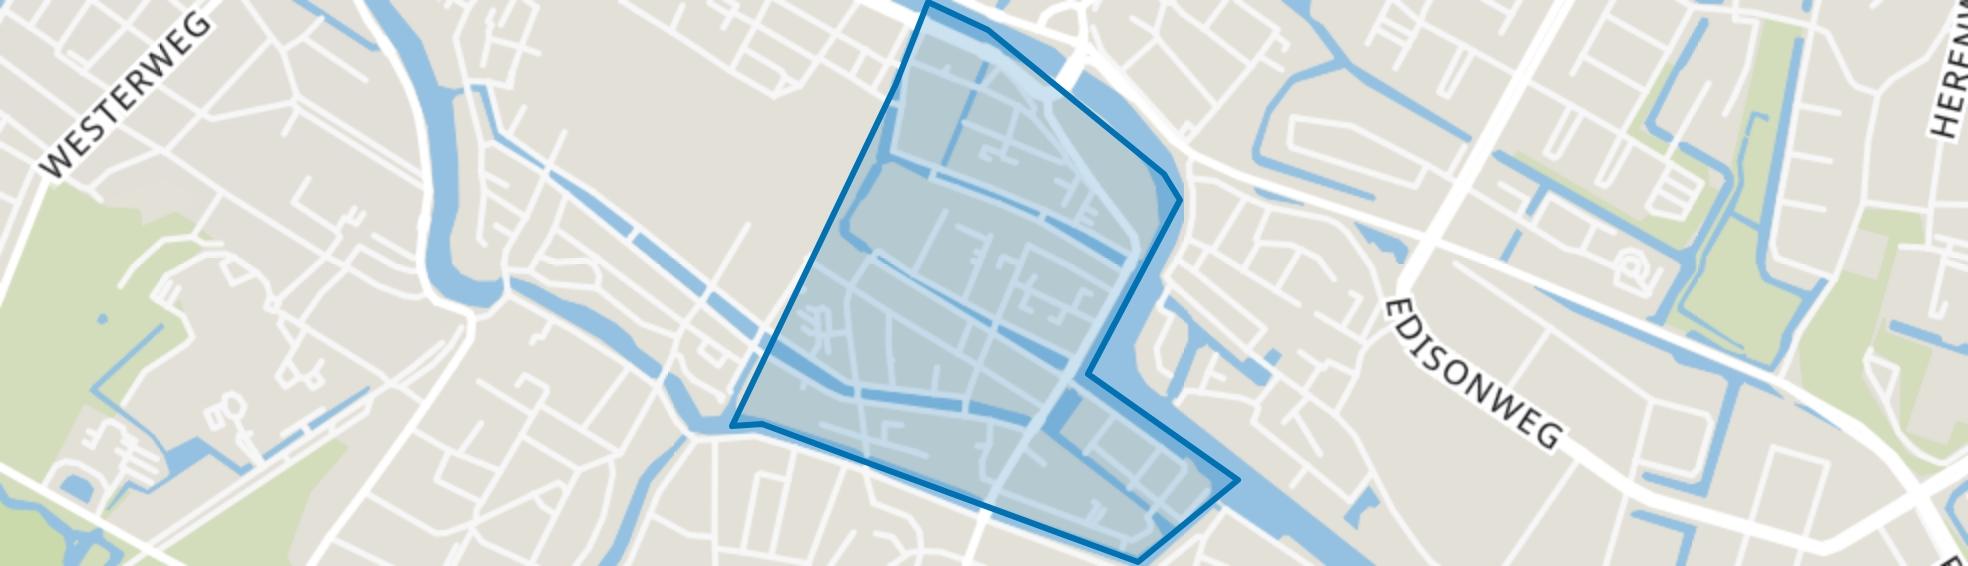 Binnenstad-Oost, Alkmaar map